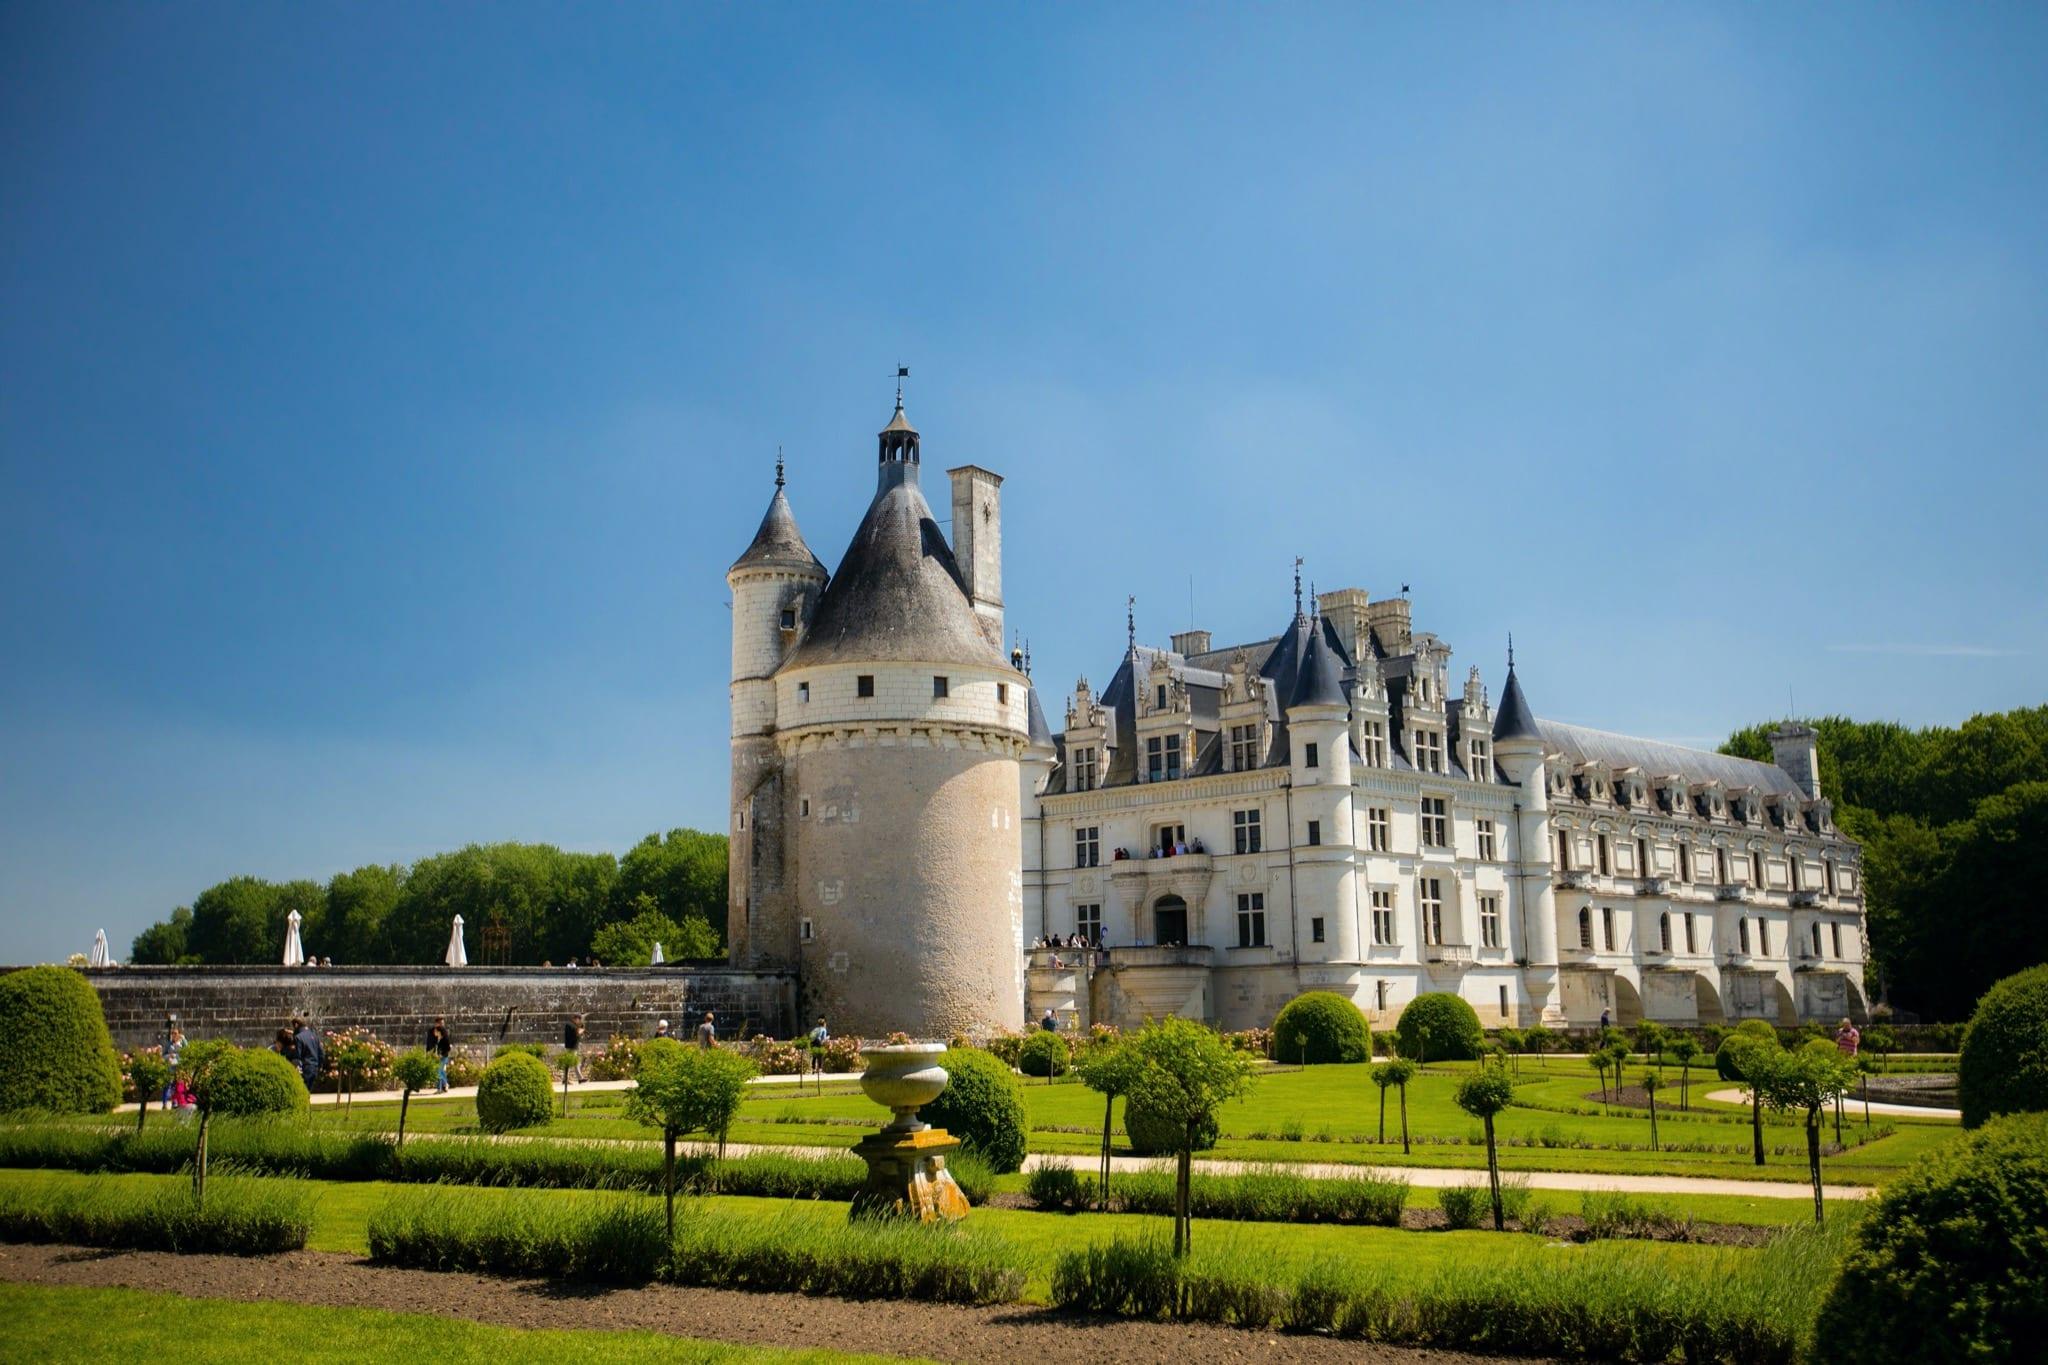 dorian mongel X8bwXanmSOo unsplash copy - Secretele Palatelor: Château de Chenonceau, castelul disputat de Caterina de Medici şi Diane de Poitiers